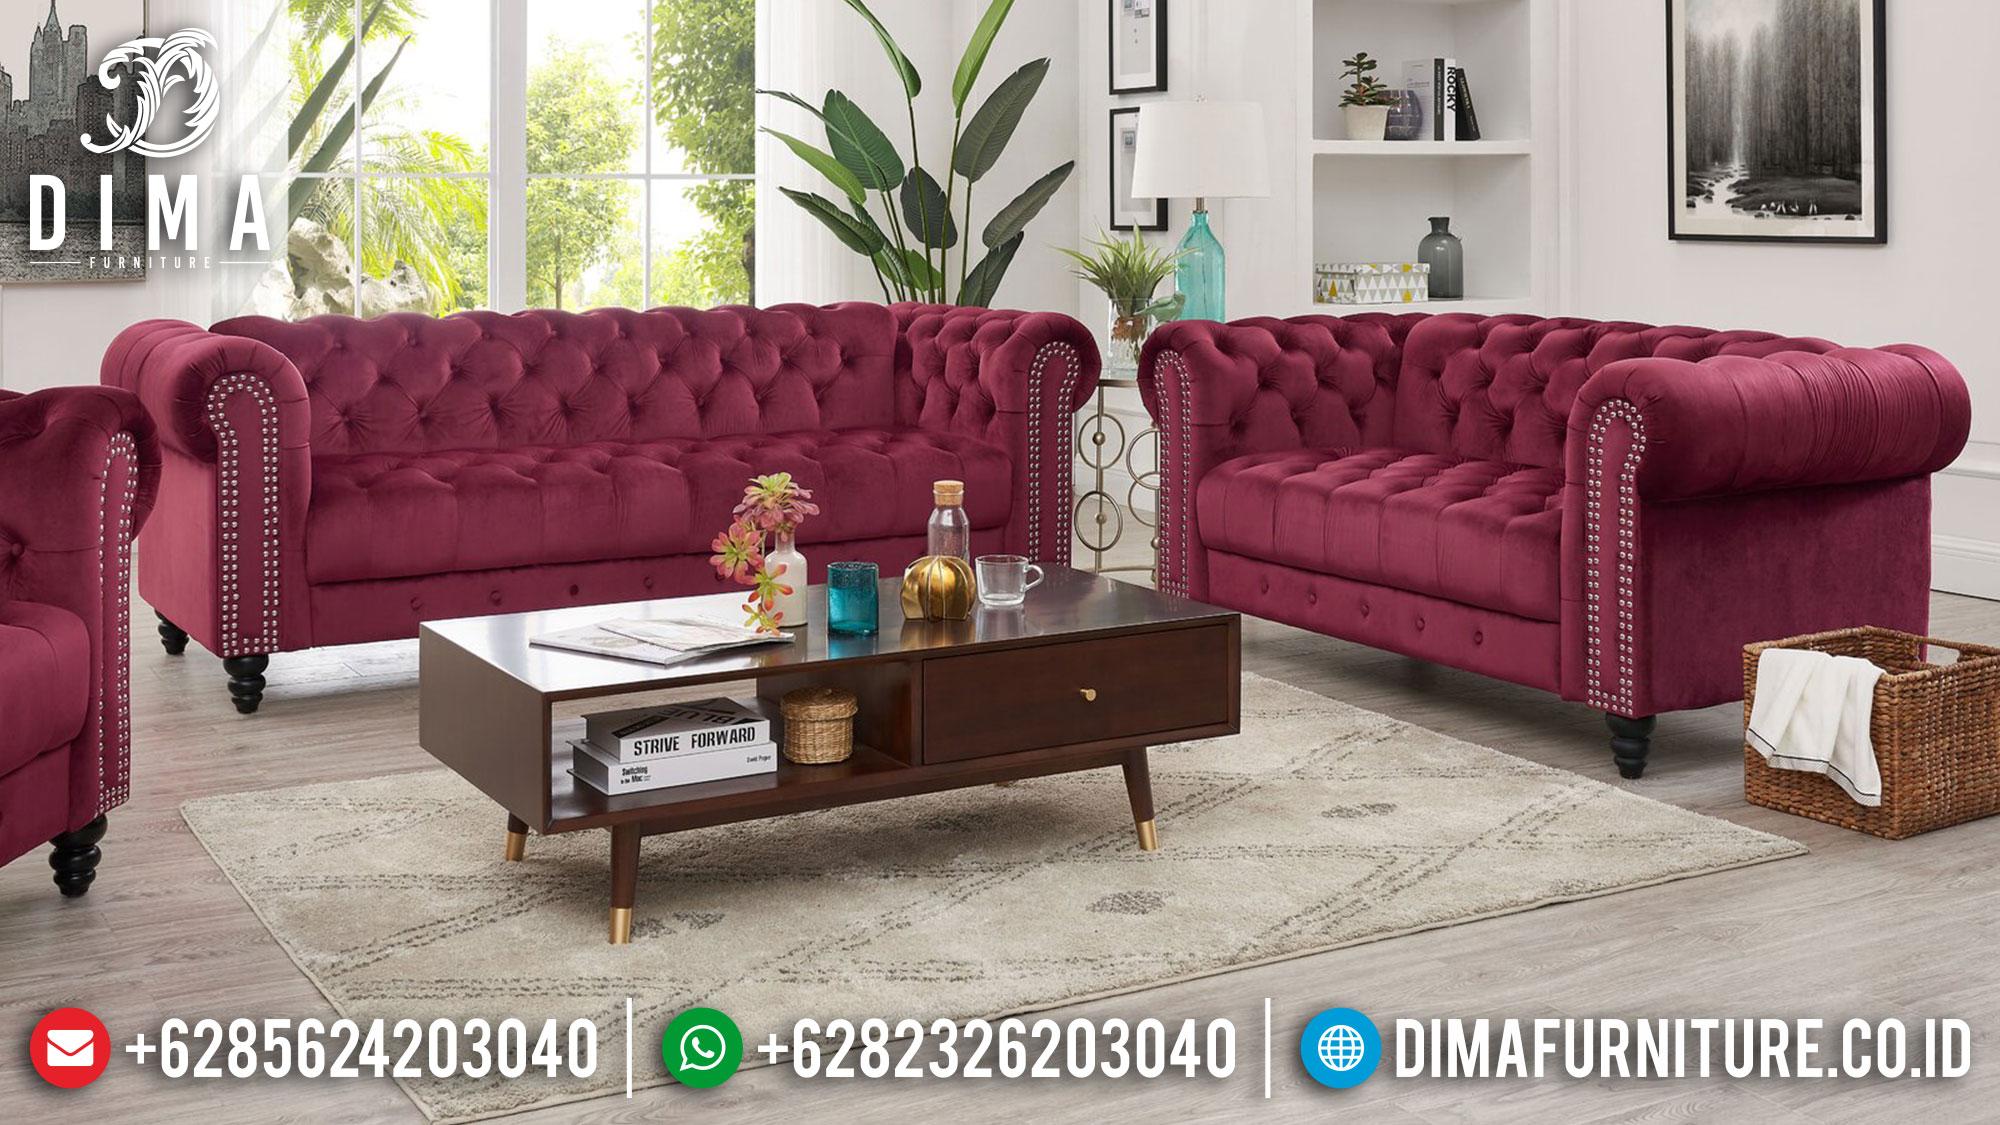 Jual Sofa Tamu Jepara, Sofa Tamu Mewah, Sofa Chester Terbaru DF-1480